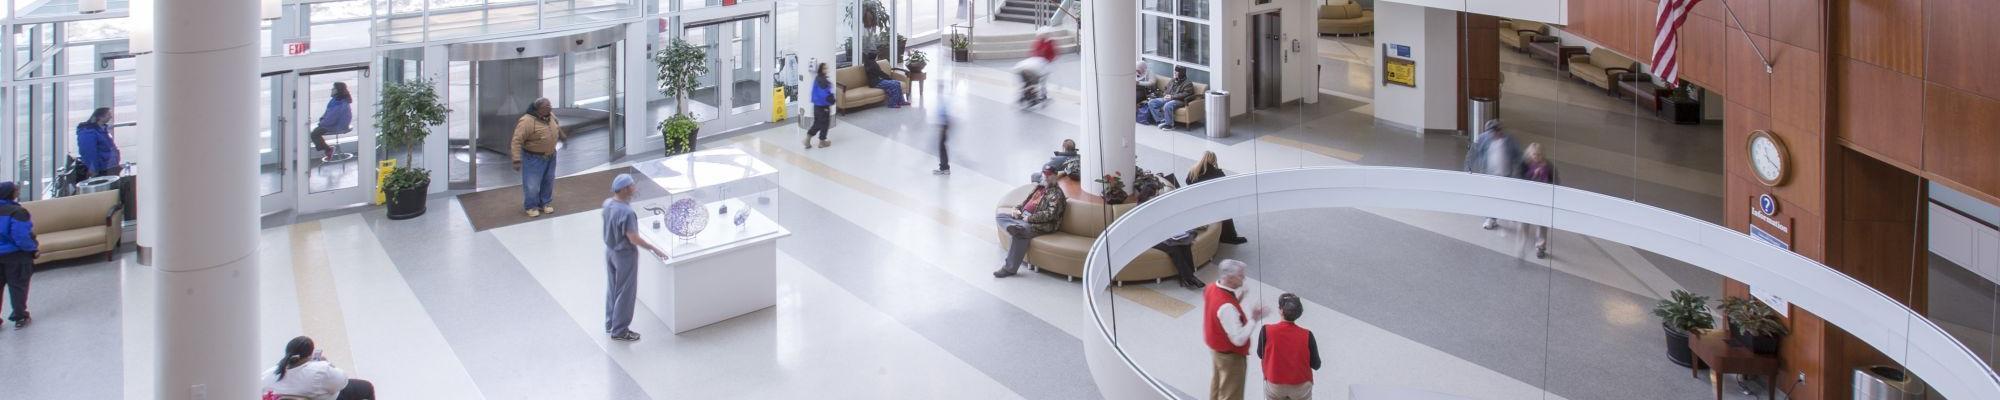 UVA Hospital Lobby